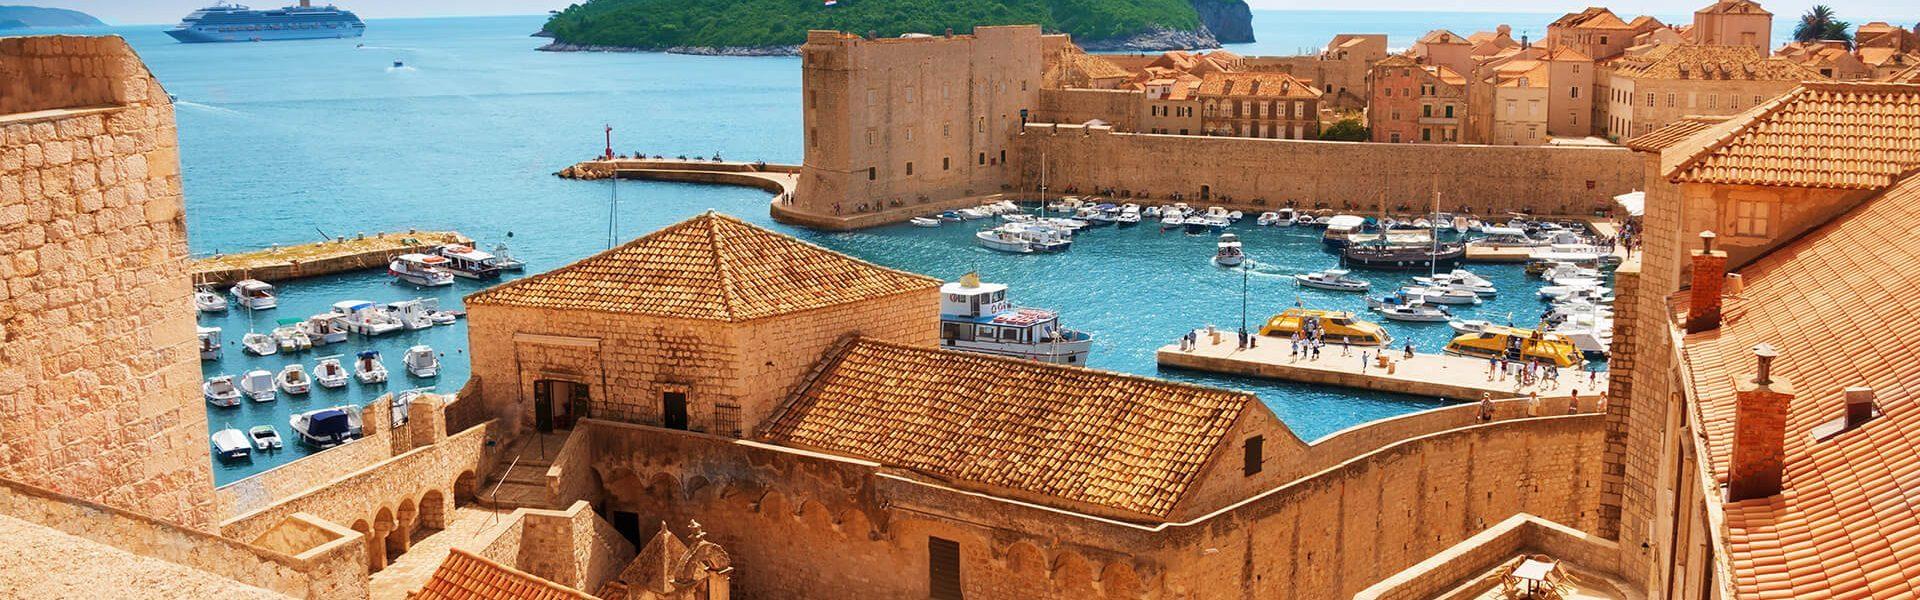 Ταξιδέψτε στις Δαλματικές ακτές και το Ντουμπρόβνικ με την Prima Holidays. Αεροπορικά & Οδικά ταξίδια στο Kings Landing του Game of Thrones!